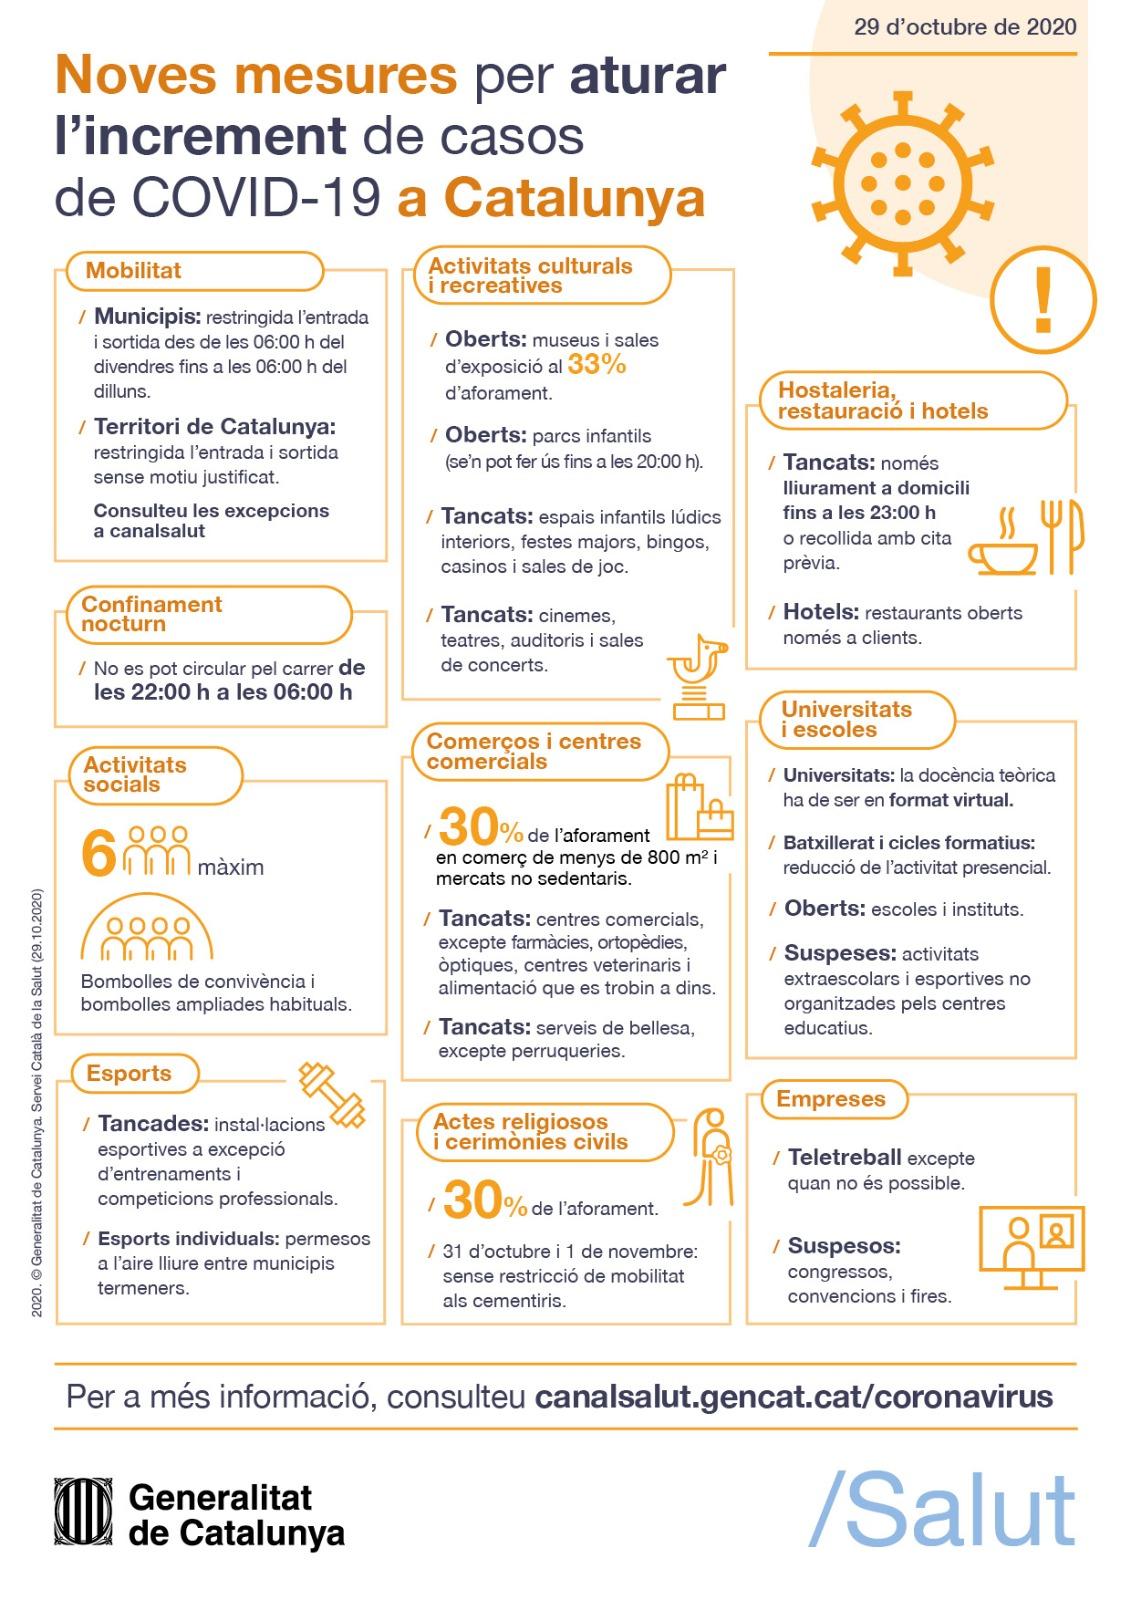 ACTUALITZACIÓ 29/10/20 | Noves mesures de contenció per frenar la transmissió del virus de la COVID-19